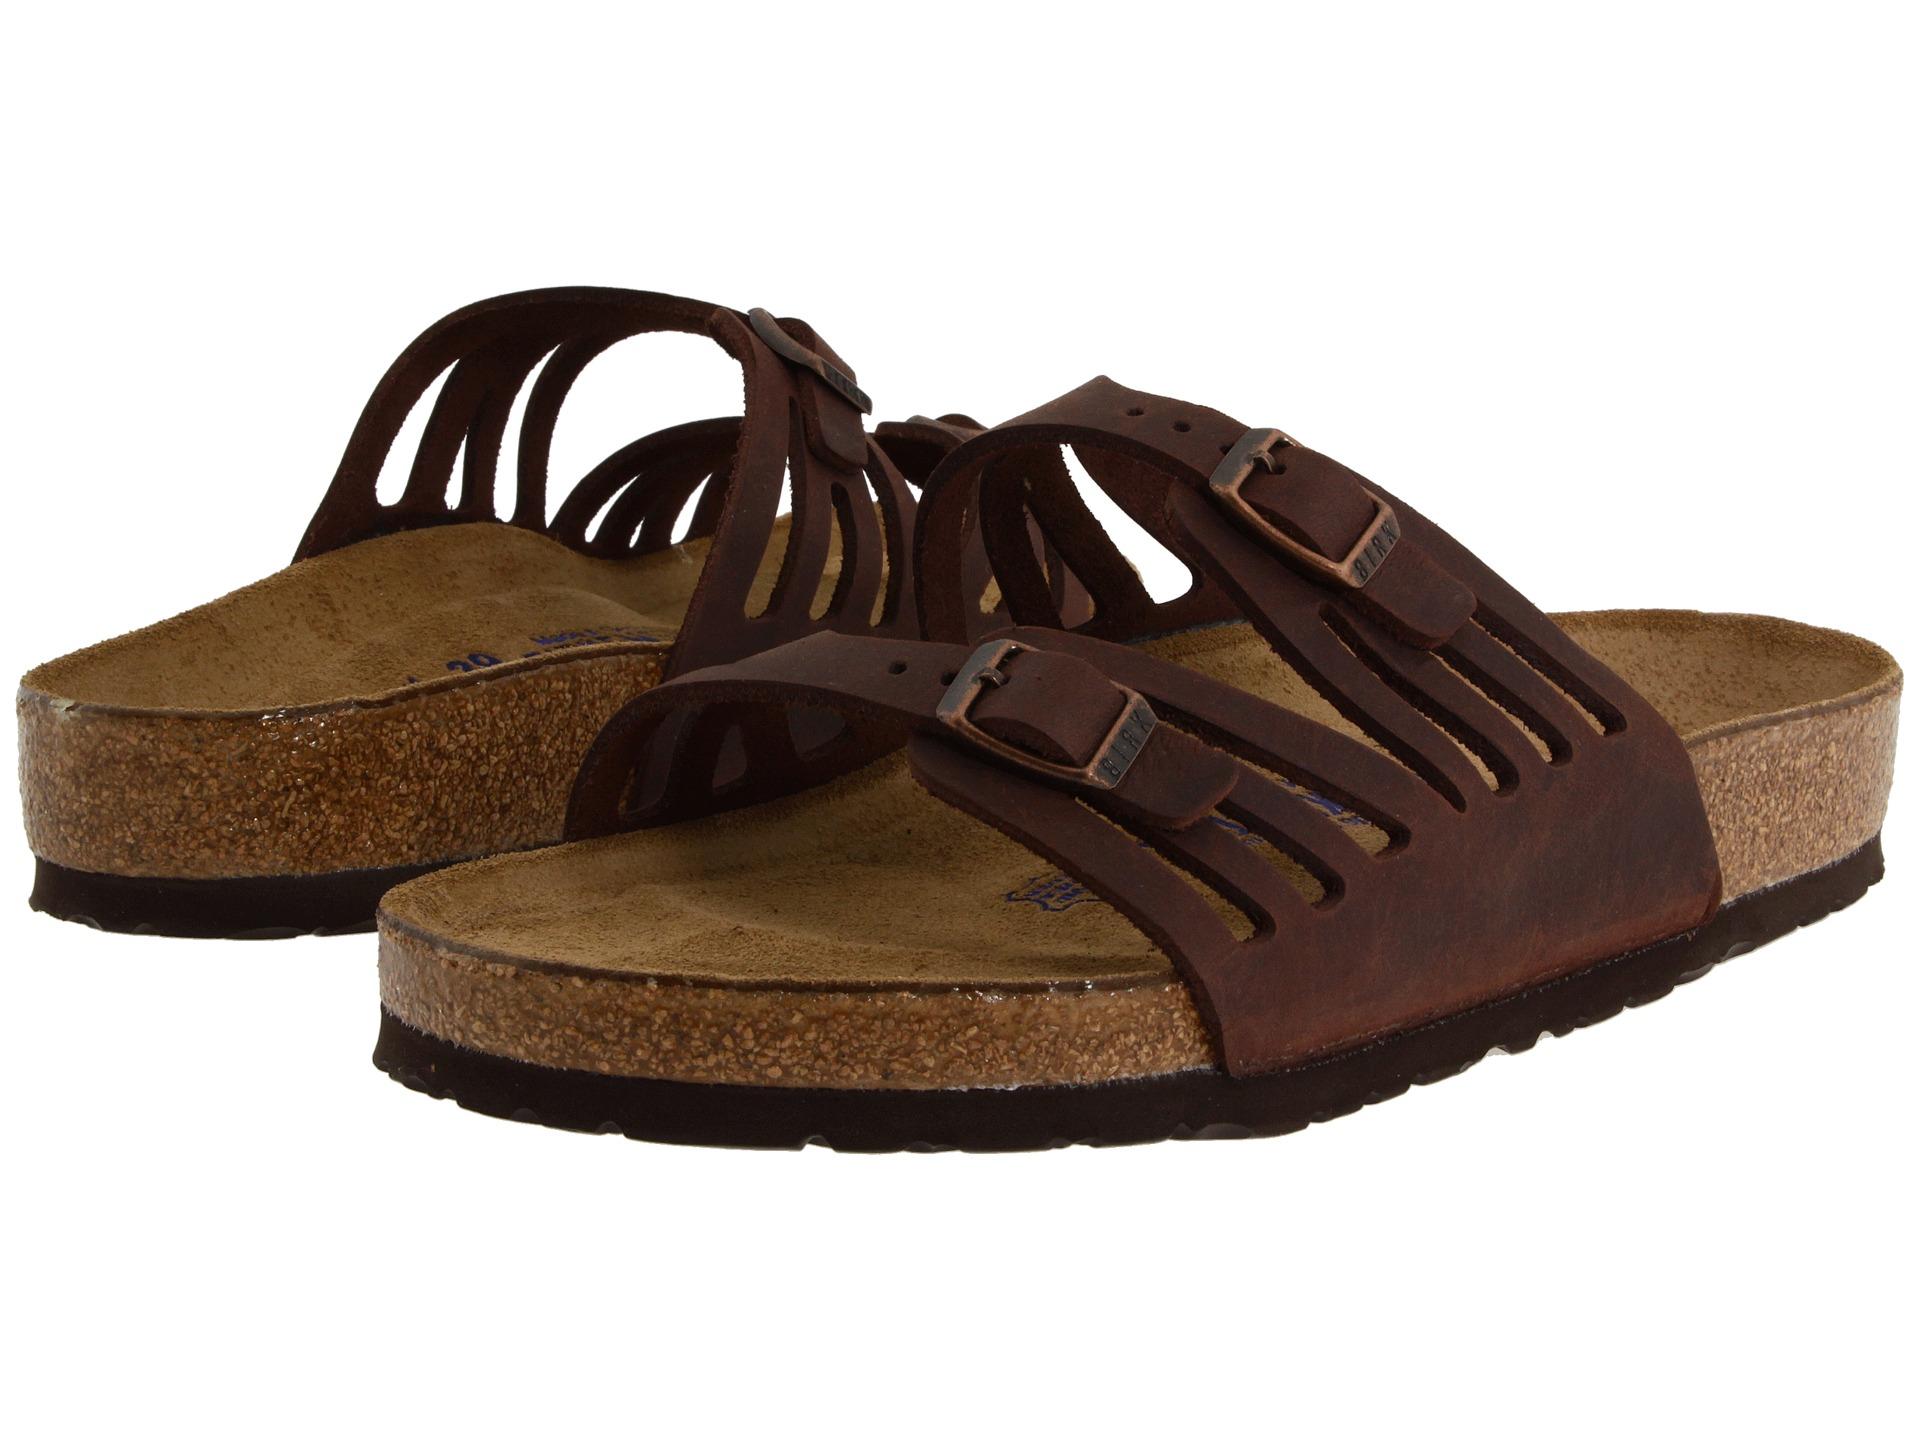 Birkenstock Granada Soft Footbed At Zappos Com